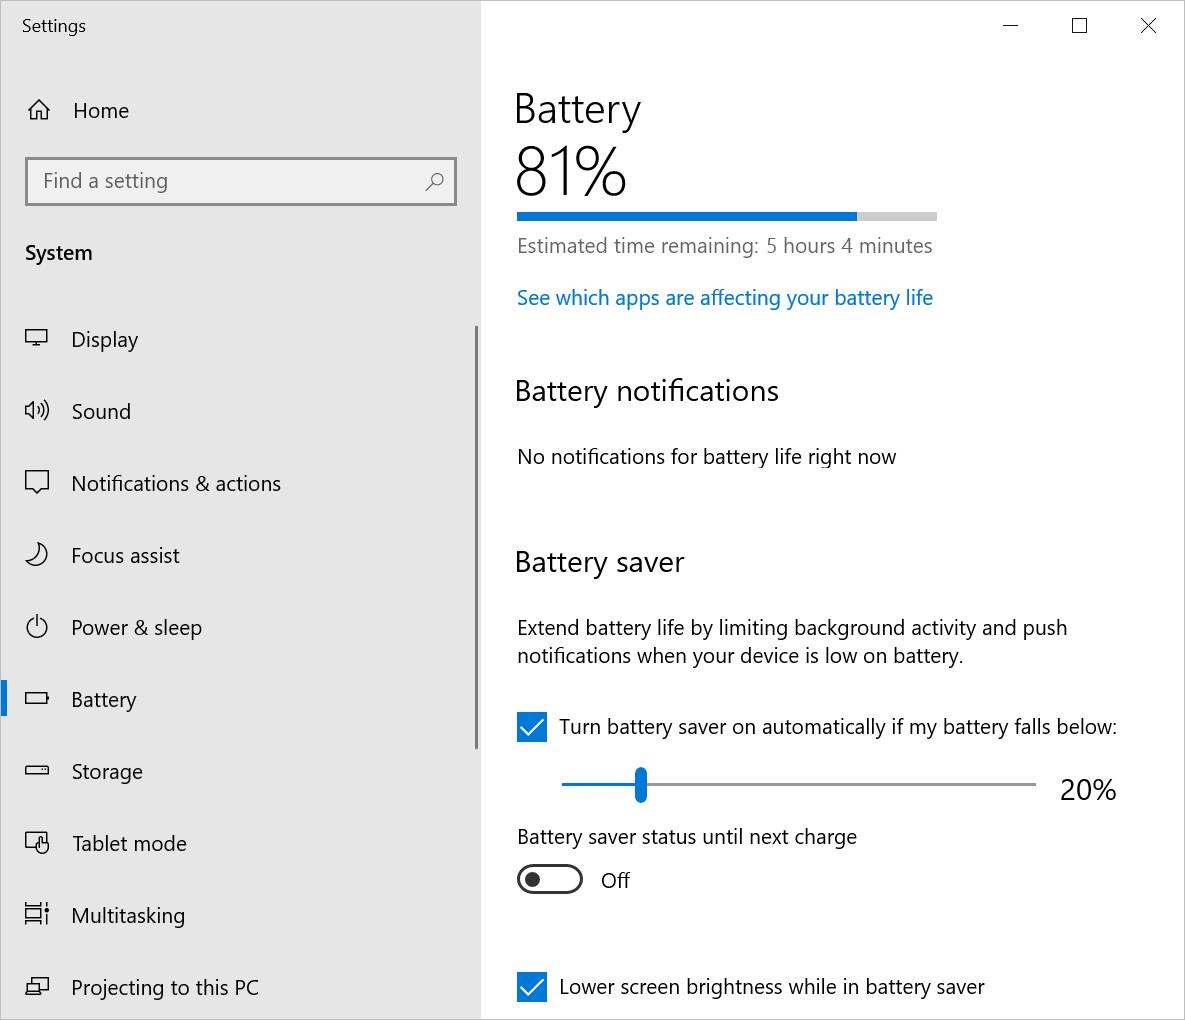 Battery Settings in Windows